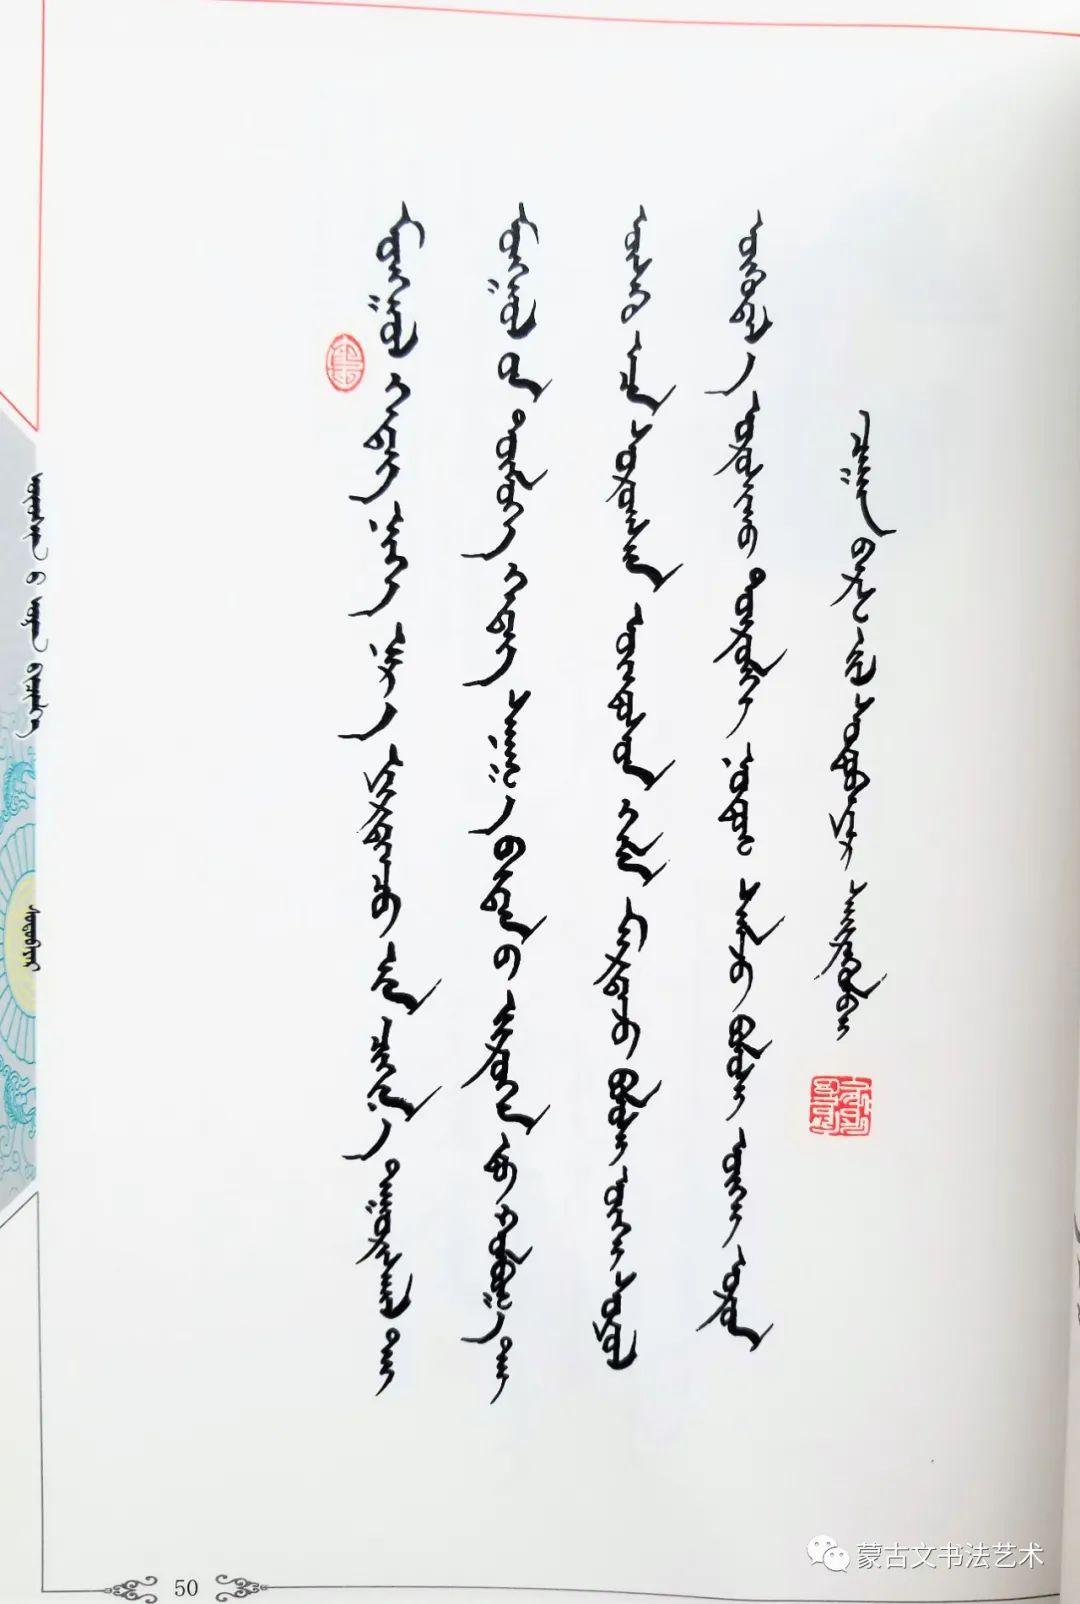 阿拉腾毕力格《乌审旗书法与篆刻精选》 第15张 阿拉腾毕力格《乌审旗书法与篆刻精选》 蒙古书法